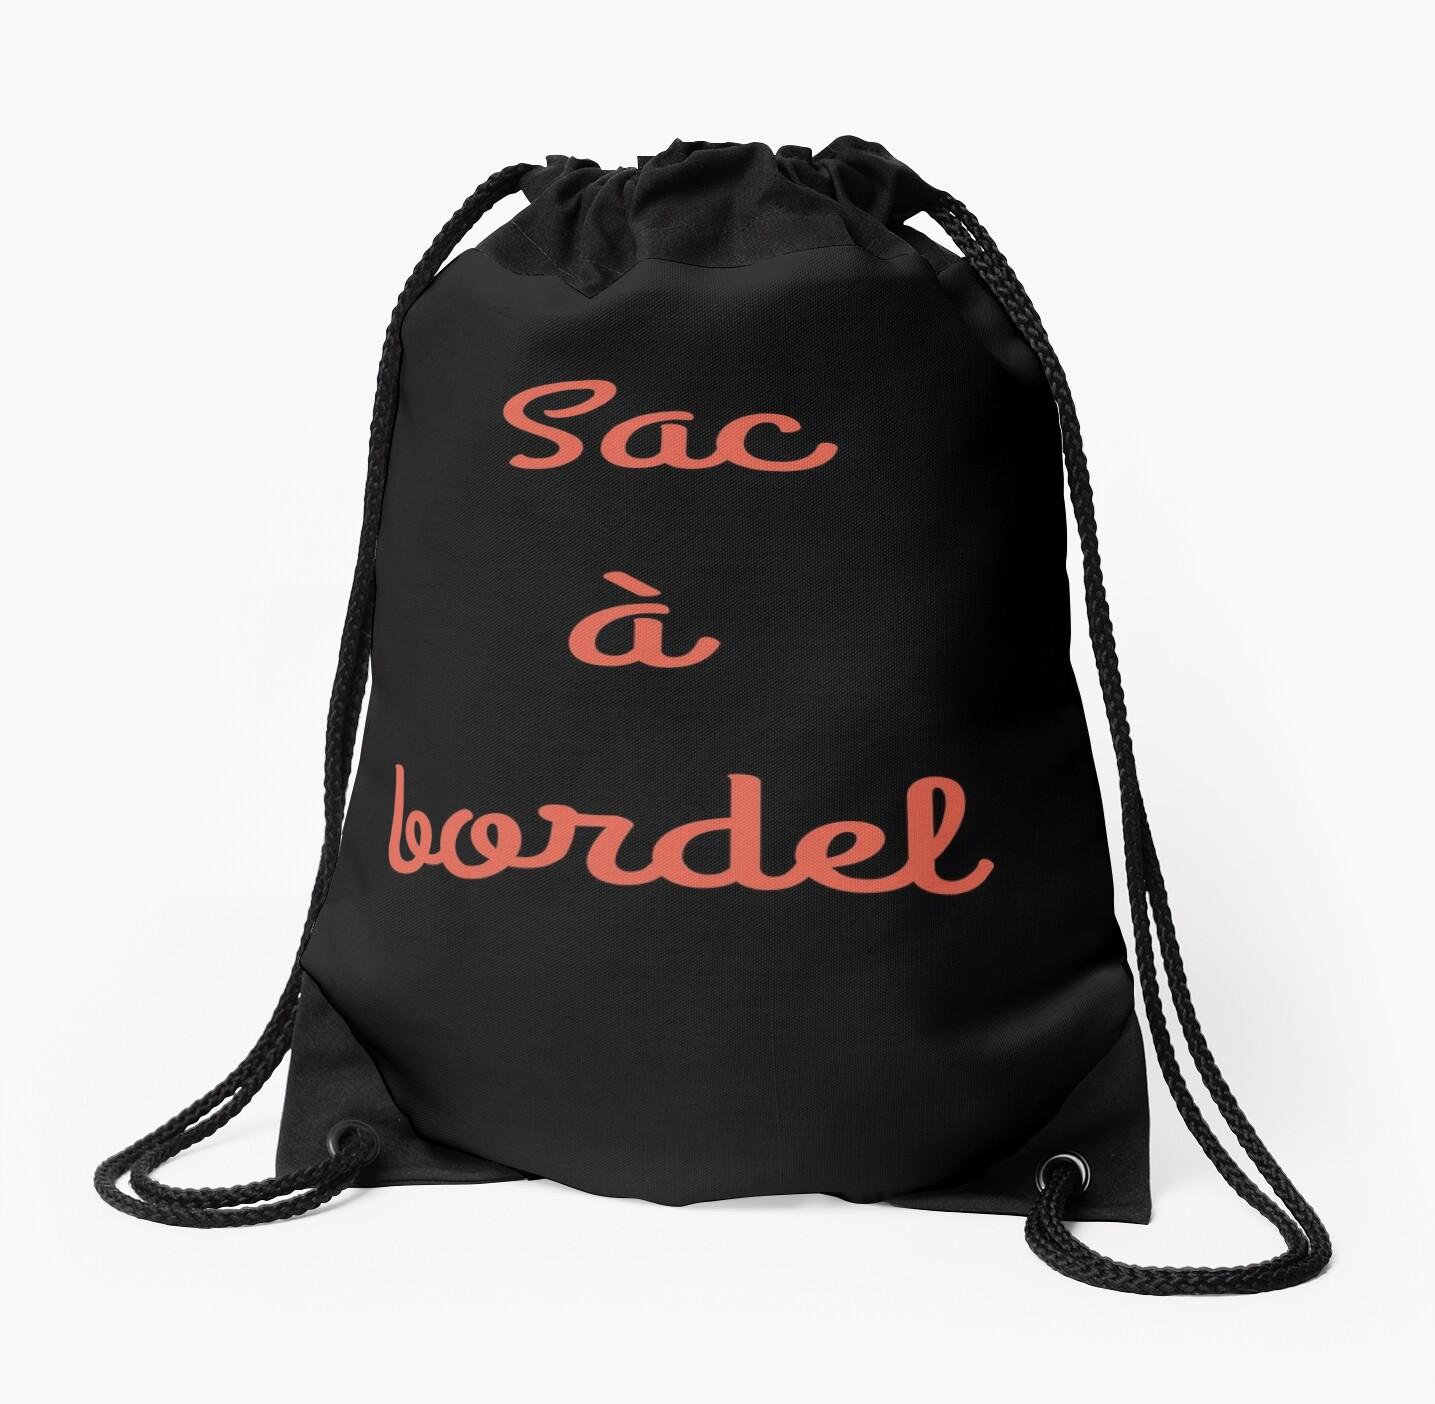 Cadeau Rigolo Baby Shower 'sac a bordel sac rigolo nounou prof parent maman cadeau' drawstring bag maeva draws